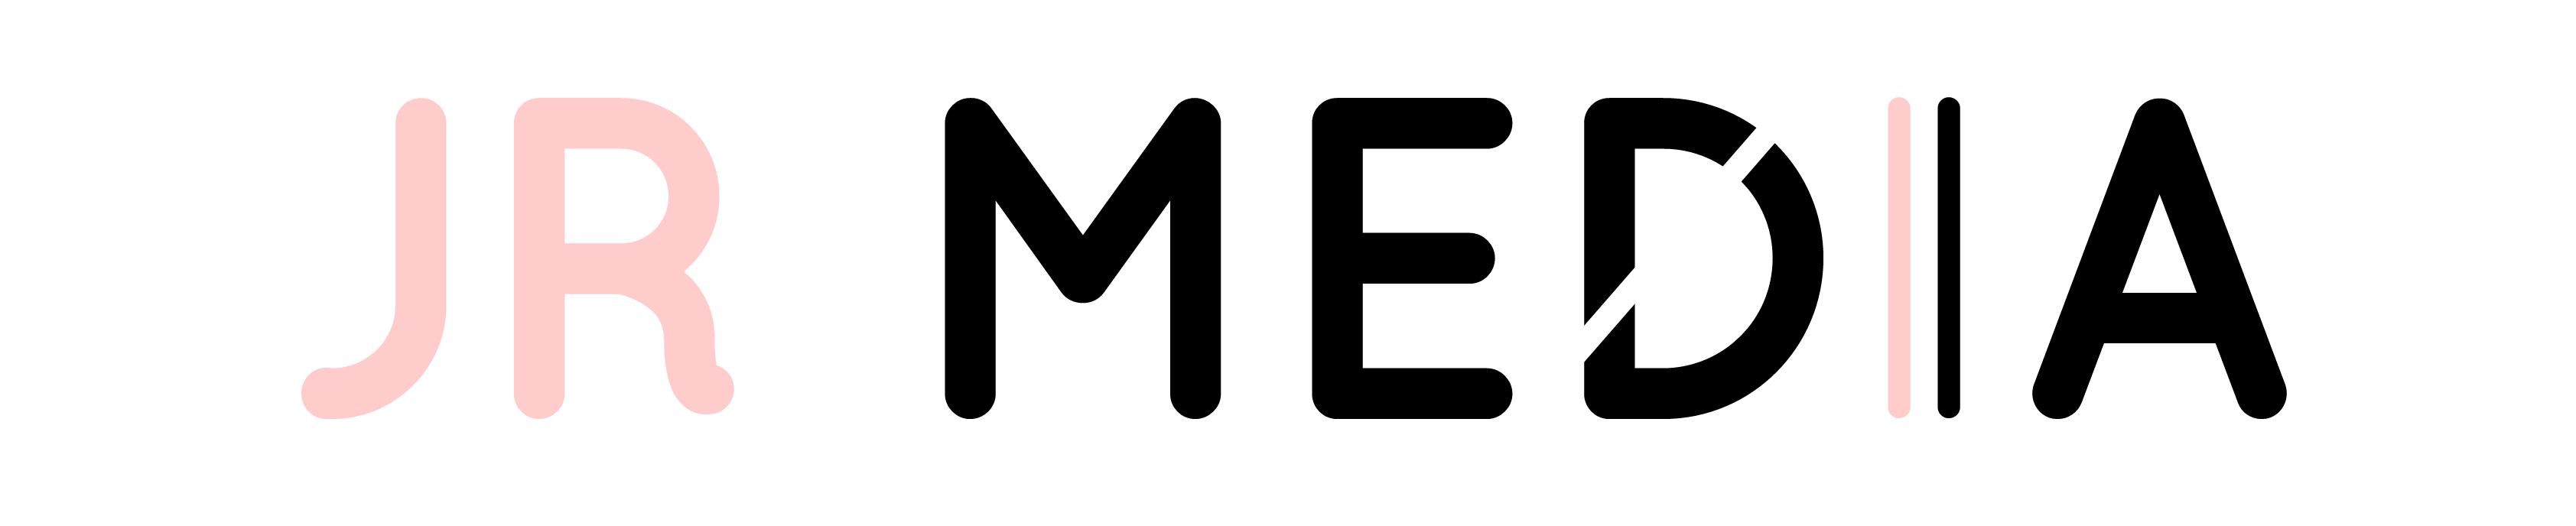 JR Media